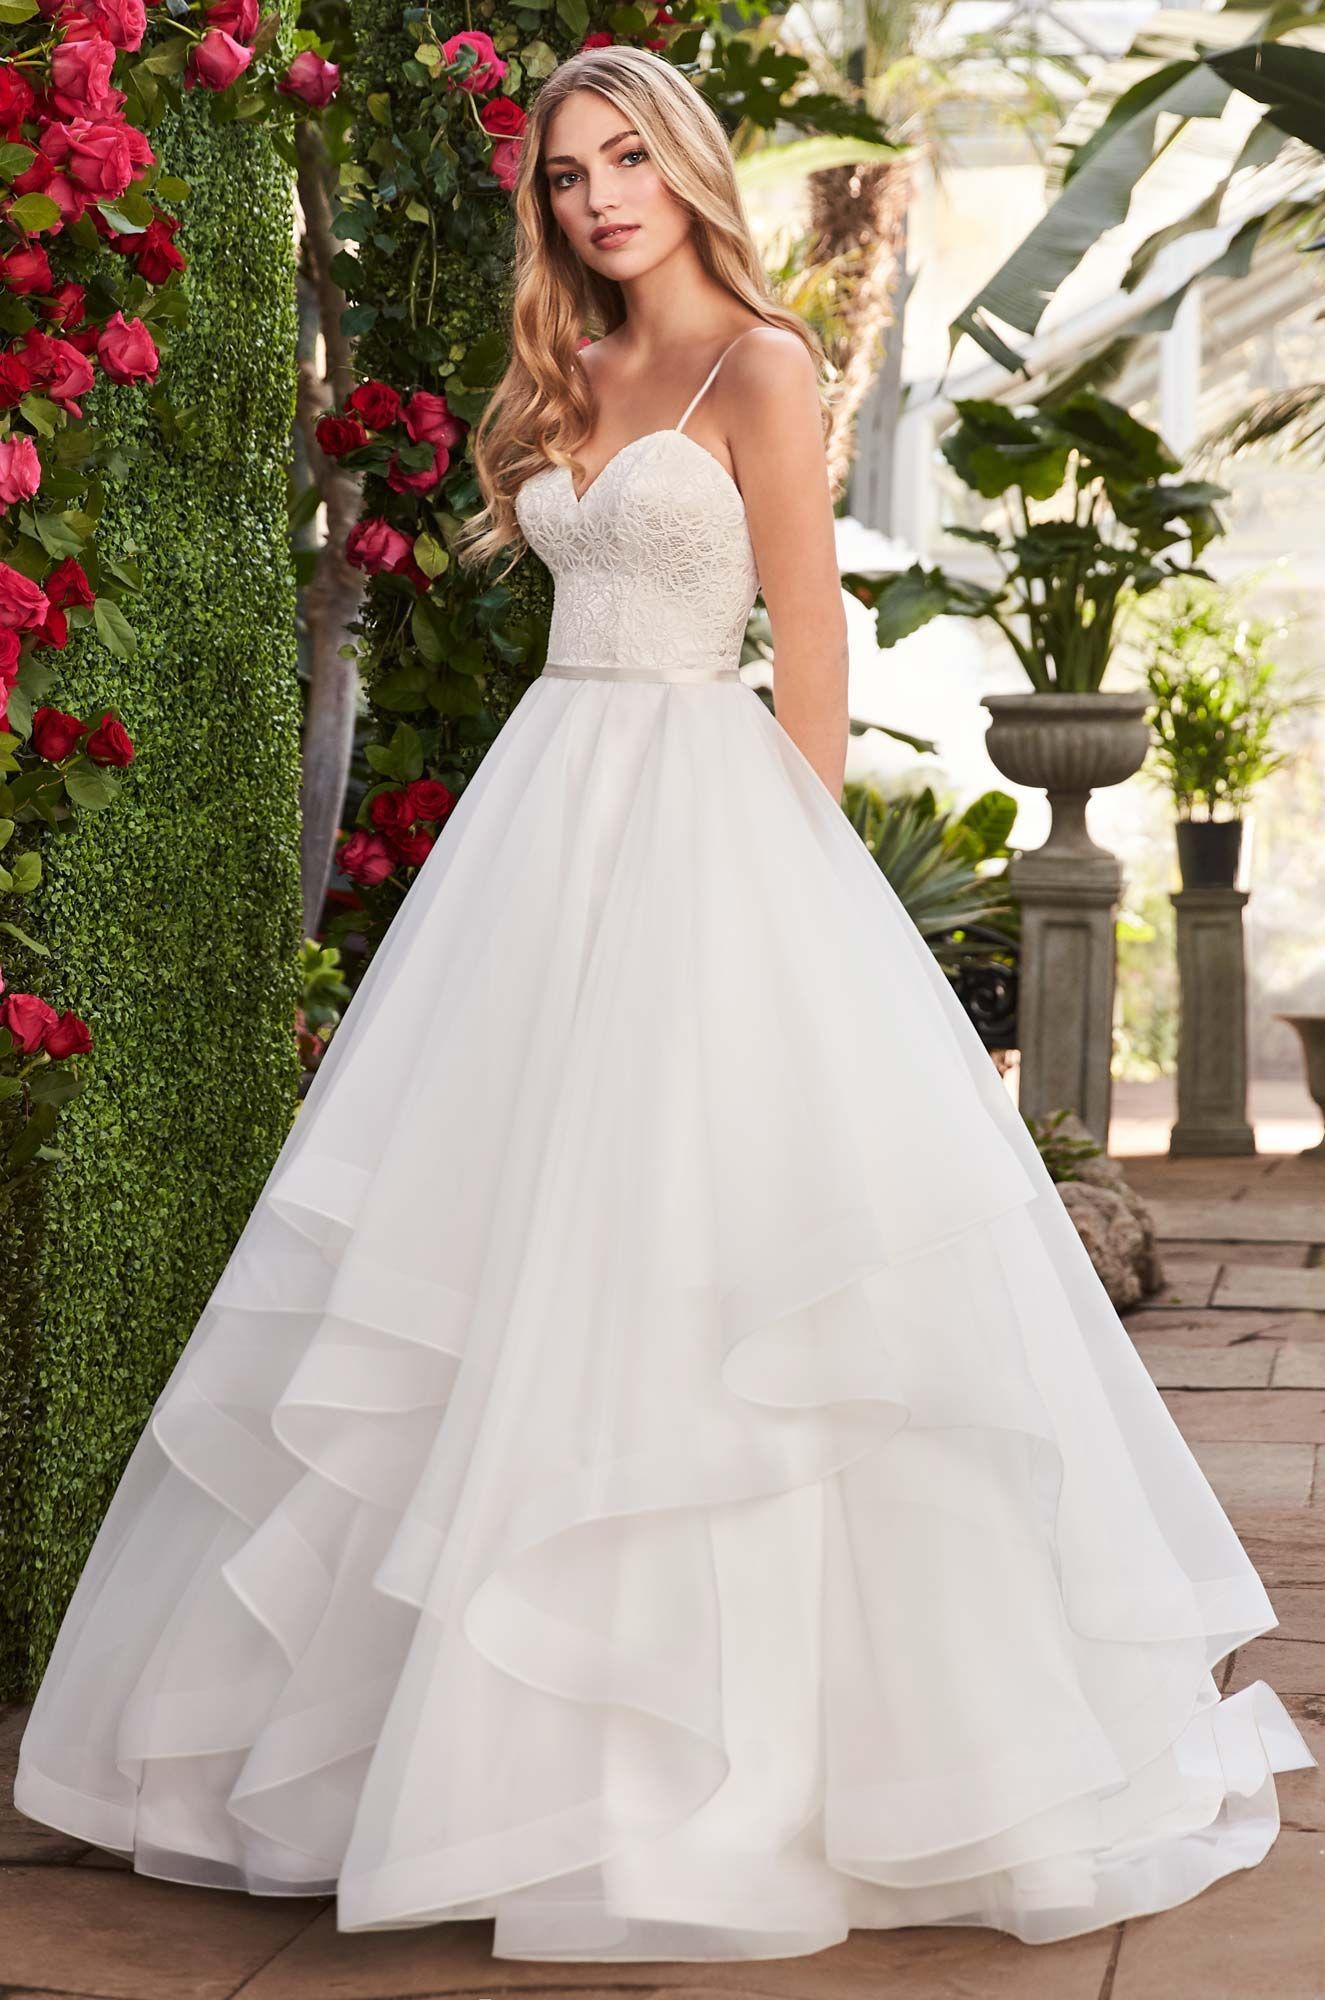 Layered Organza Wedding Dress Style 2270 Mikaella Bridal Wedding Dress Organza Mikaella Bridal Wedding Dress Couture